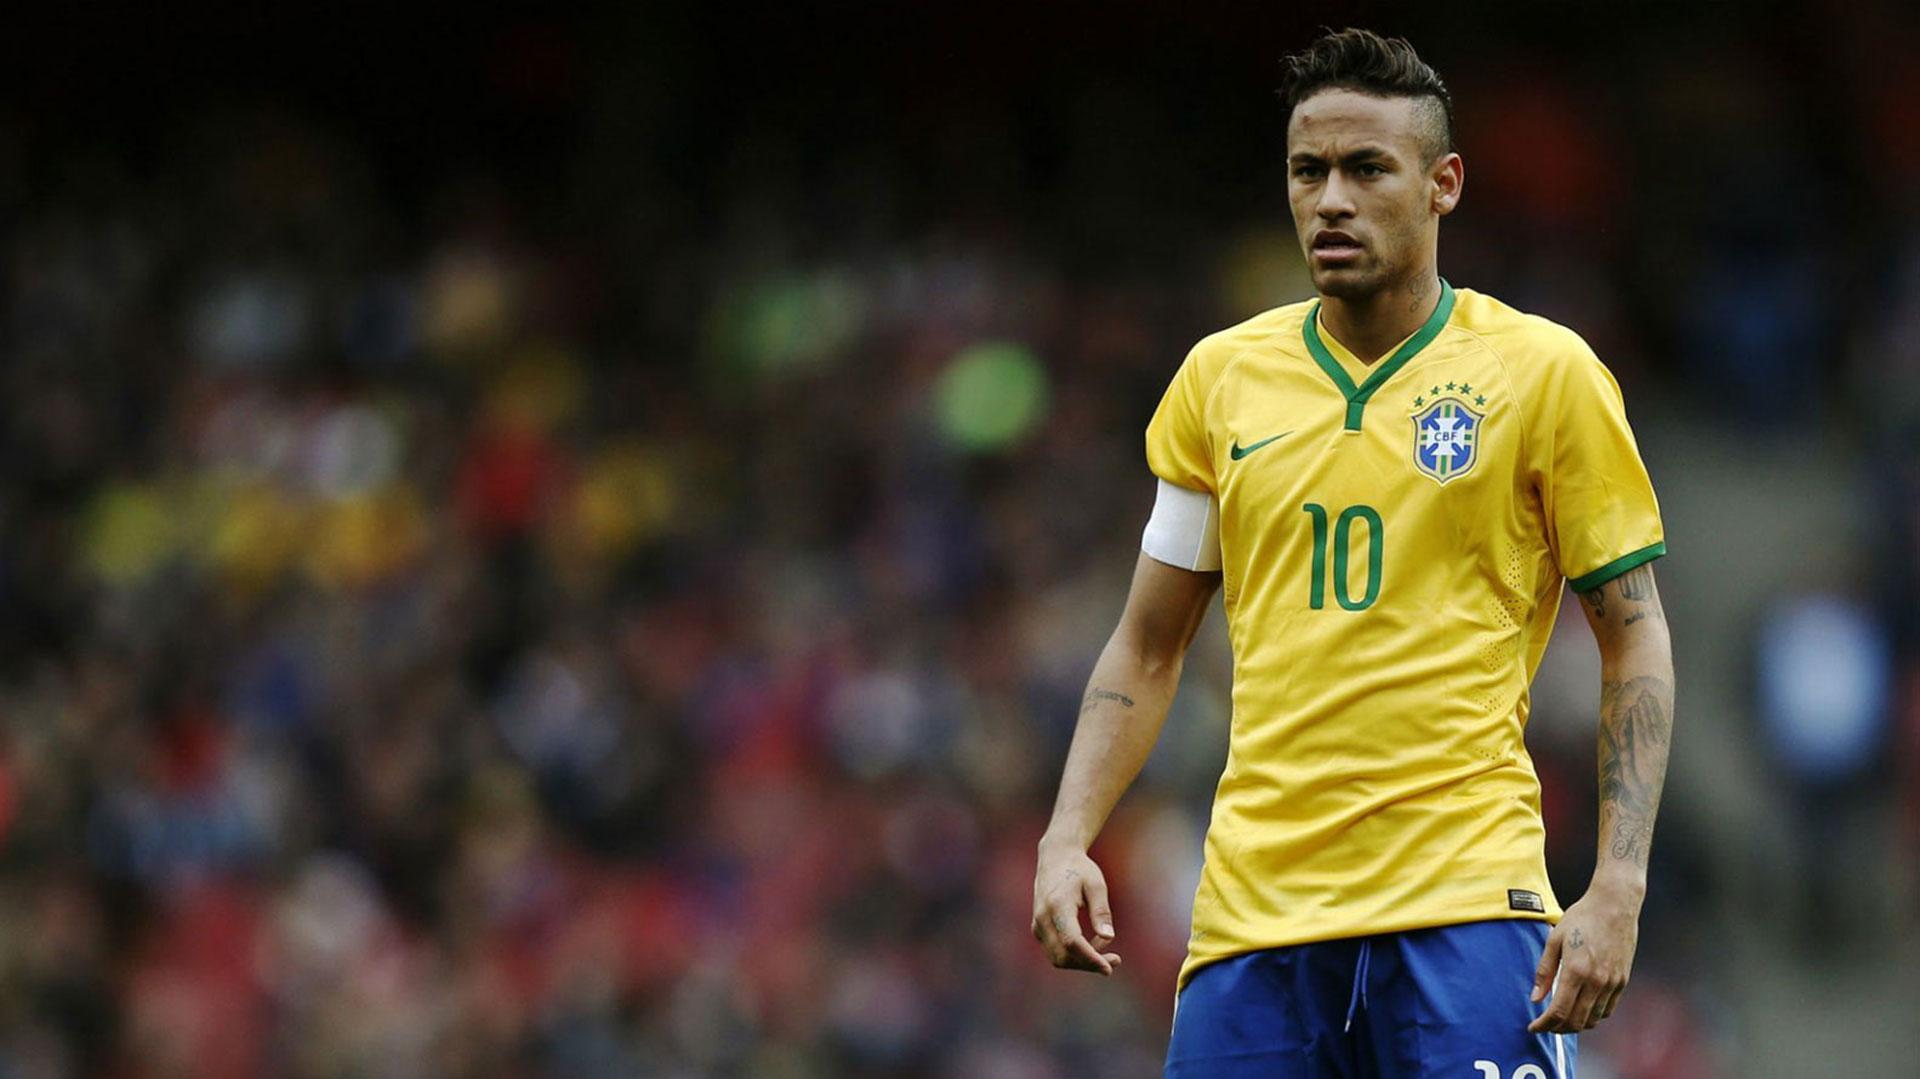 Con 24 años, hasta ahora, sólo tiene una Copa Confederaciones con la absoluta de Brasil